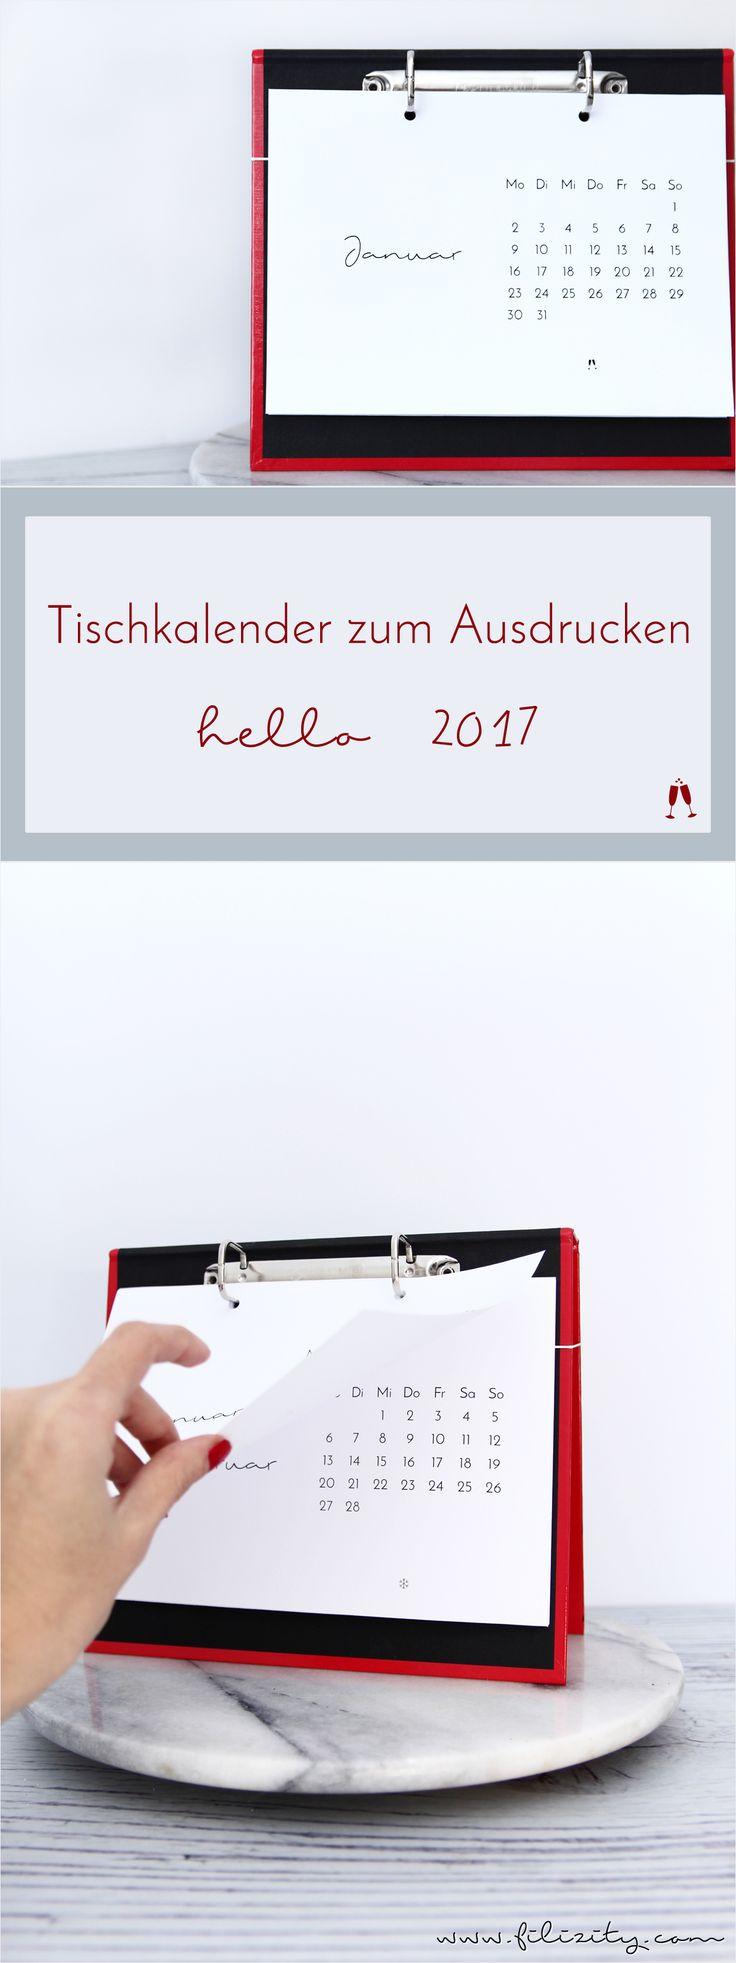 Minimalistischer Tischkalender für 2017. Mit der kostenlosen Druckvorlage und dem DIY Kalenderbrett setzt ihr stylische Akzente auf eurem Schreibtisch. #kalender #printable #diy